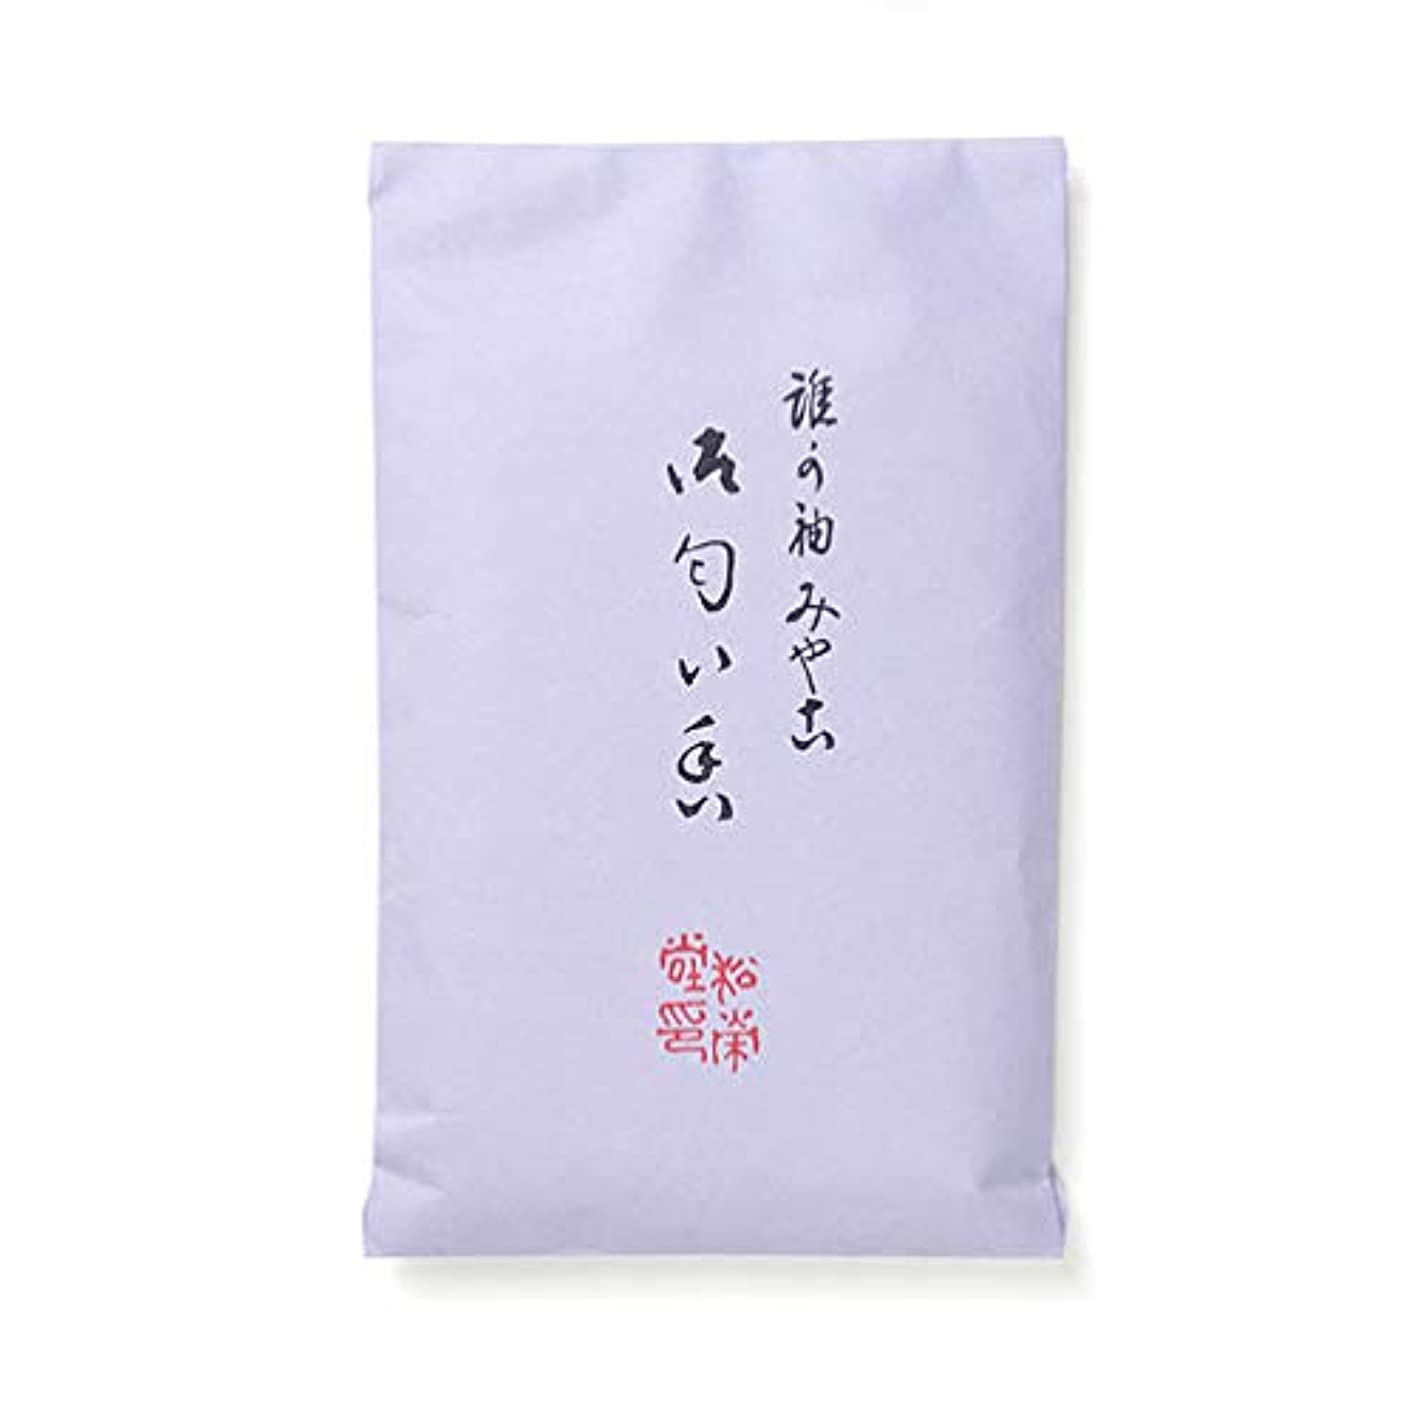 掃く構成スキル松栄堂 誰が袖 みやこ 匂い香 50g袋入